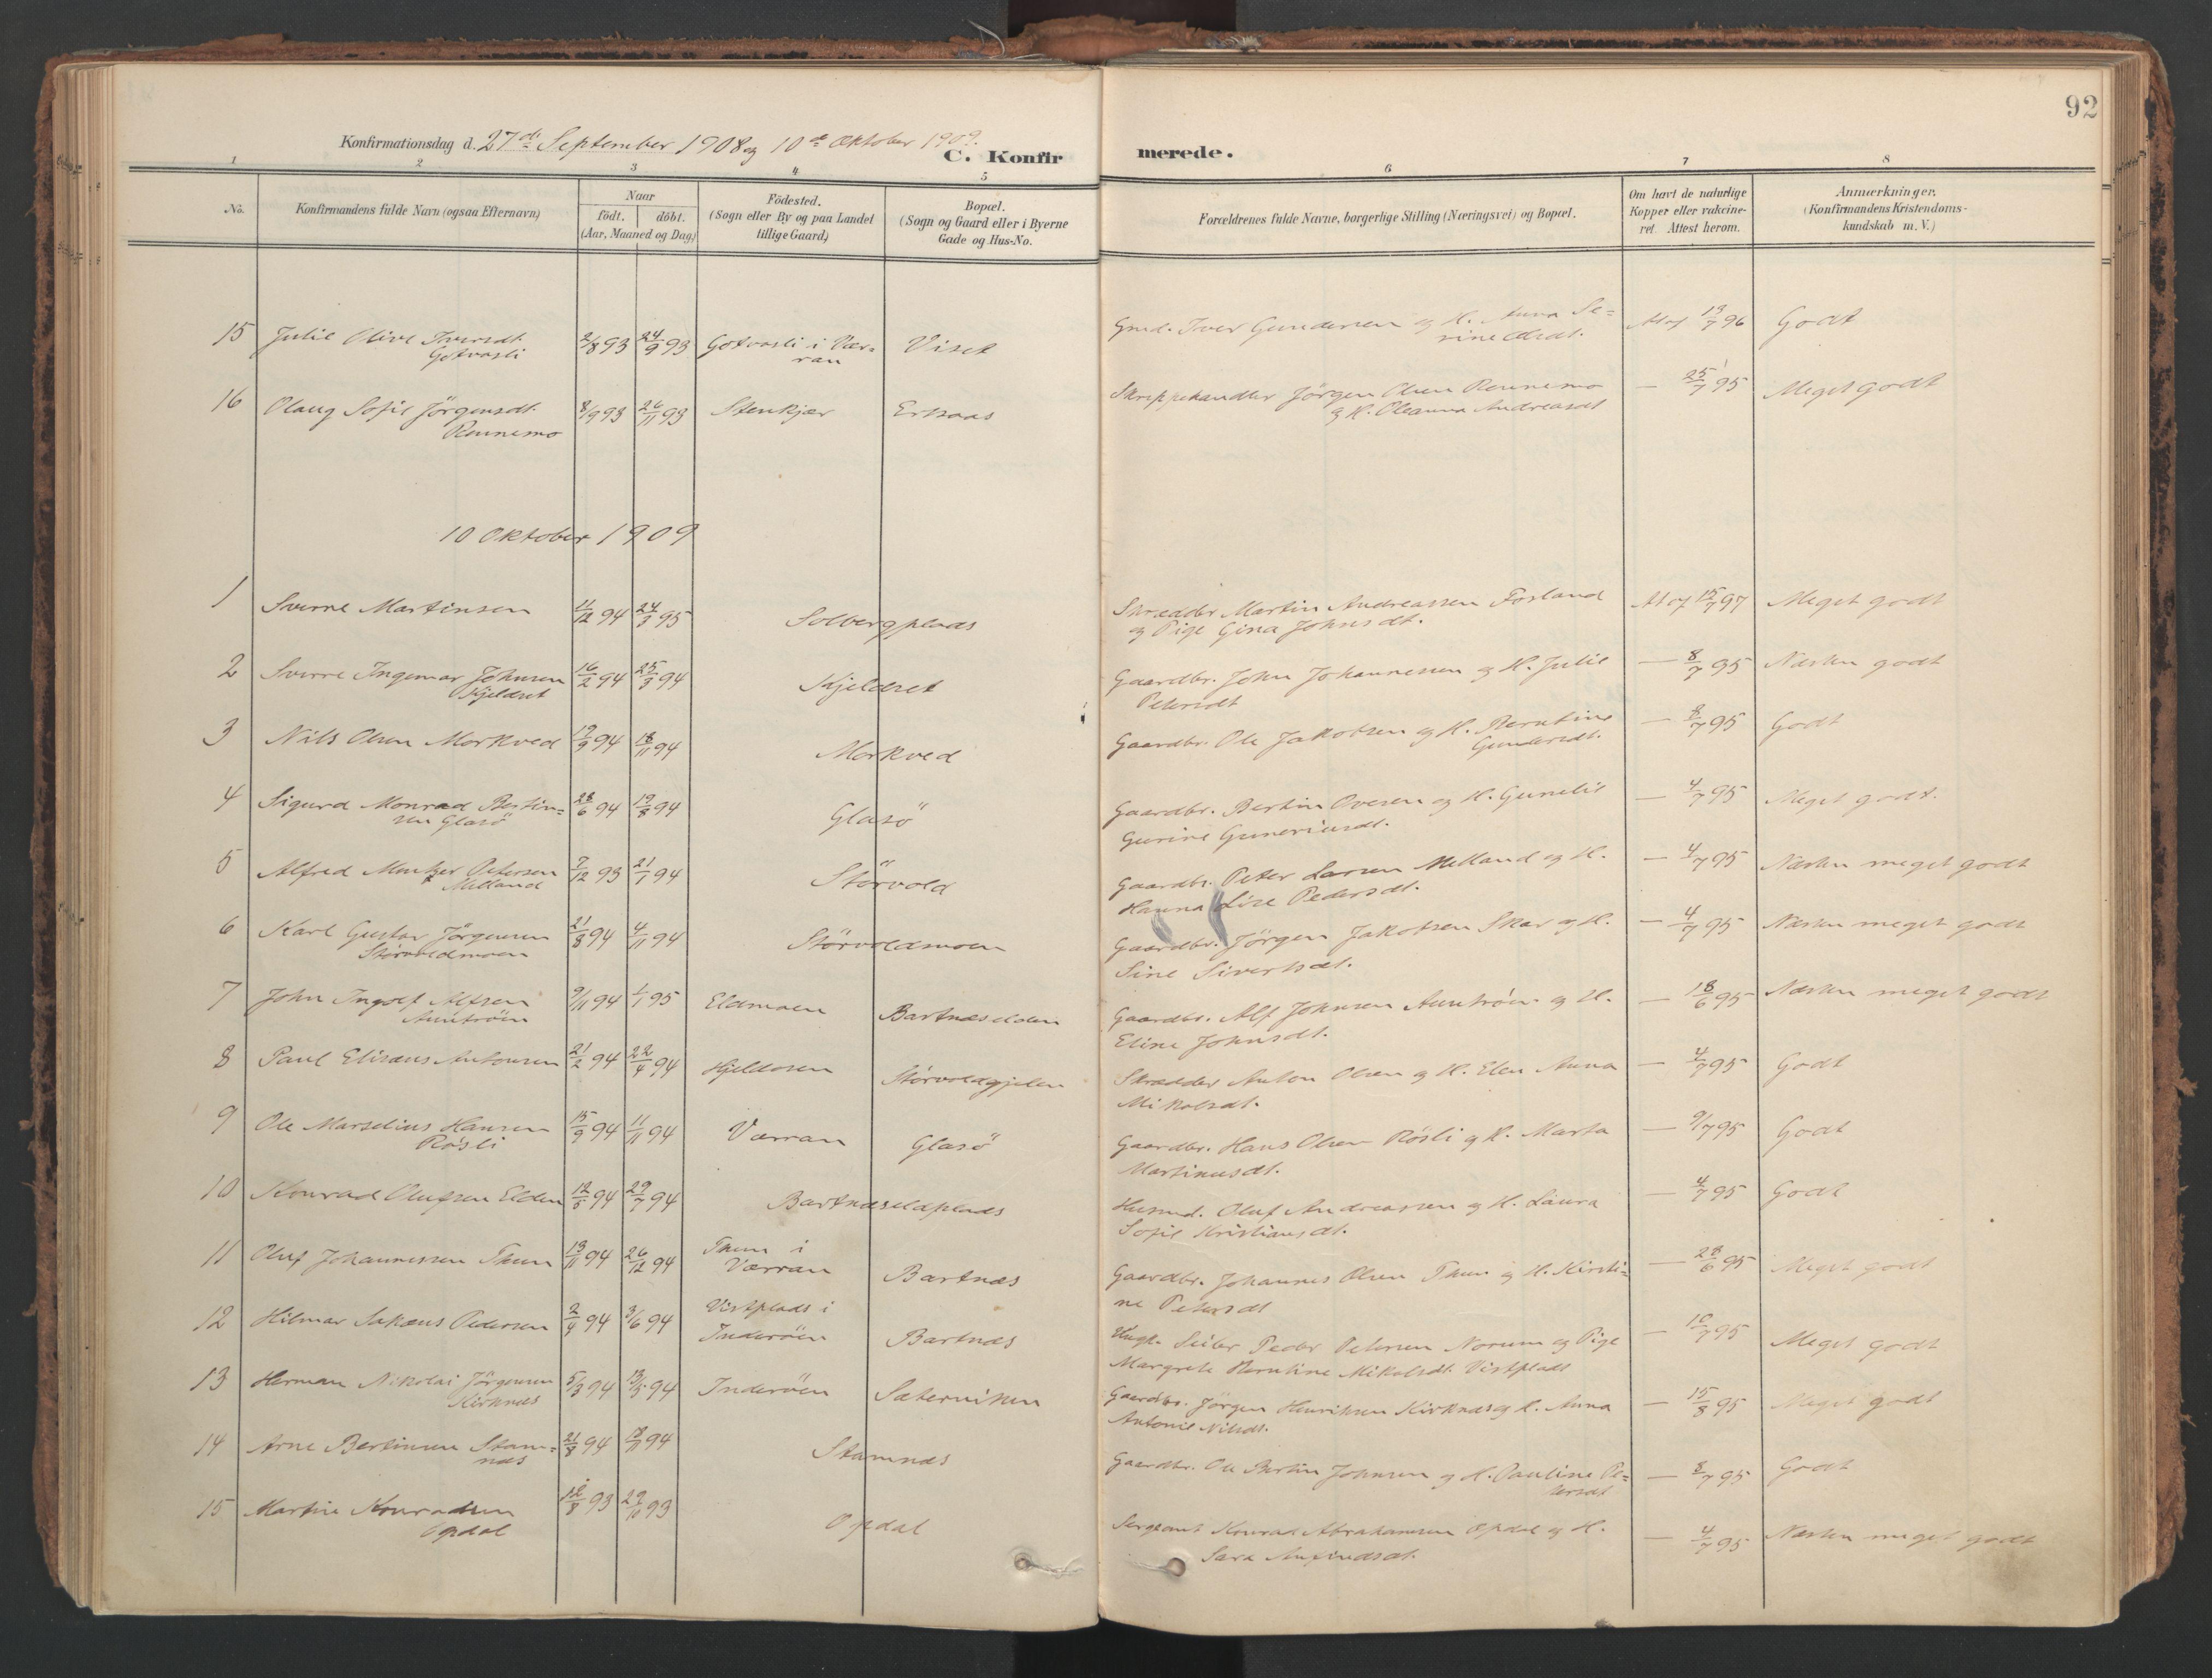 SAT, Ministerialprotokoller, klokkerbøker og fødselsregistre - Nord-Trøndelag, 741/L0397: Ministerialbok nr. 741A11, 1901-1911, s. 92